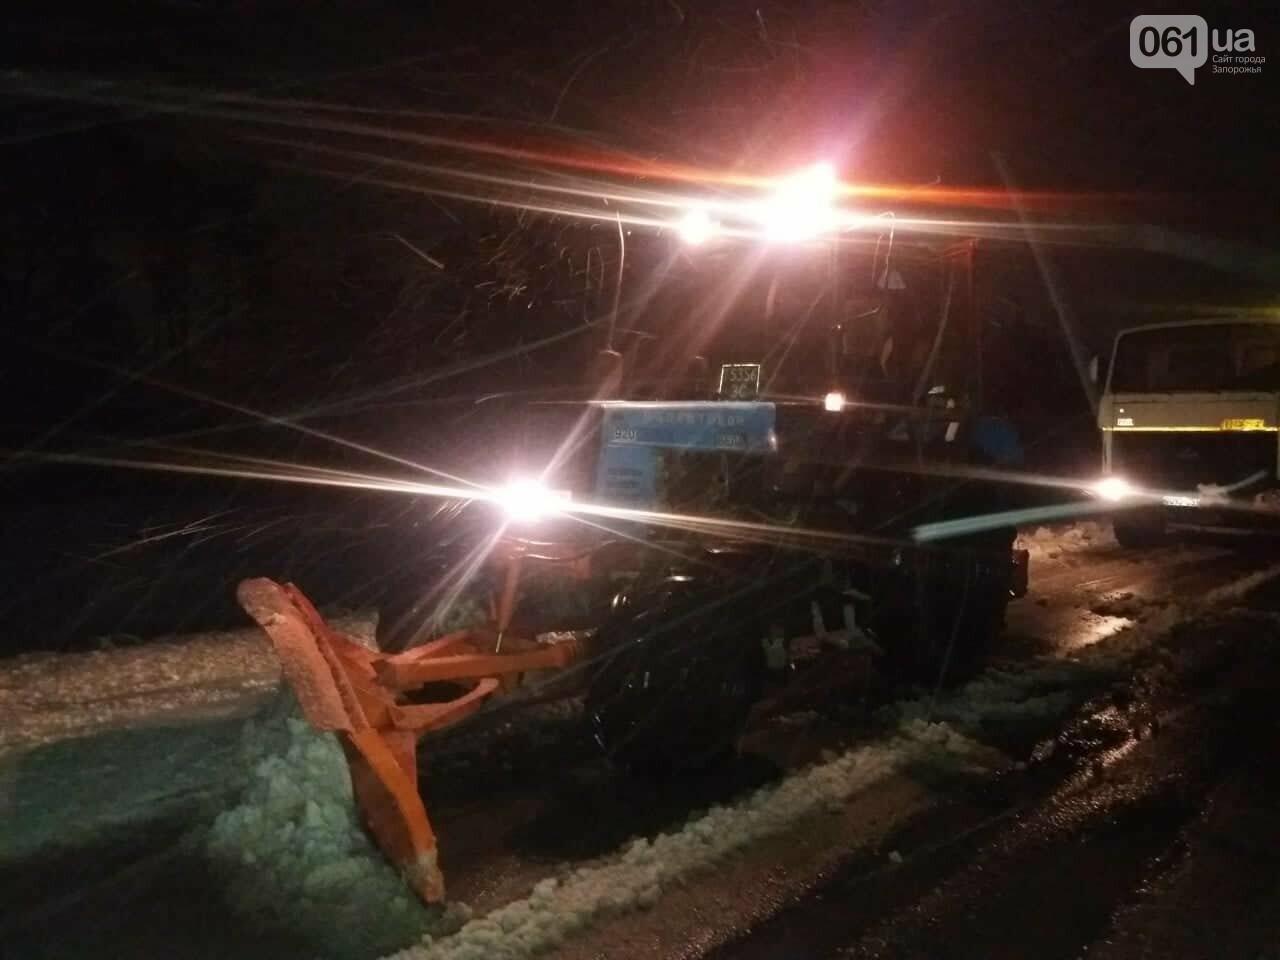 Застрявшие авто, поваленные деревья и спецтехника на дорогах: последствия бушевавшего в Запорожской области циклона, - ФОТО, фото-3